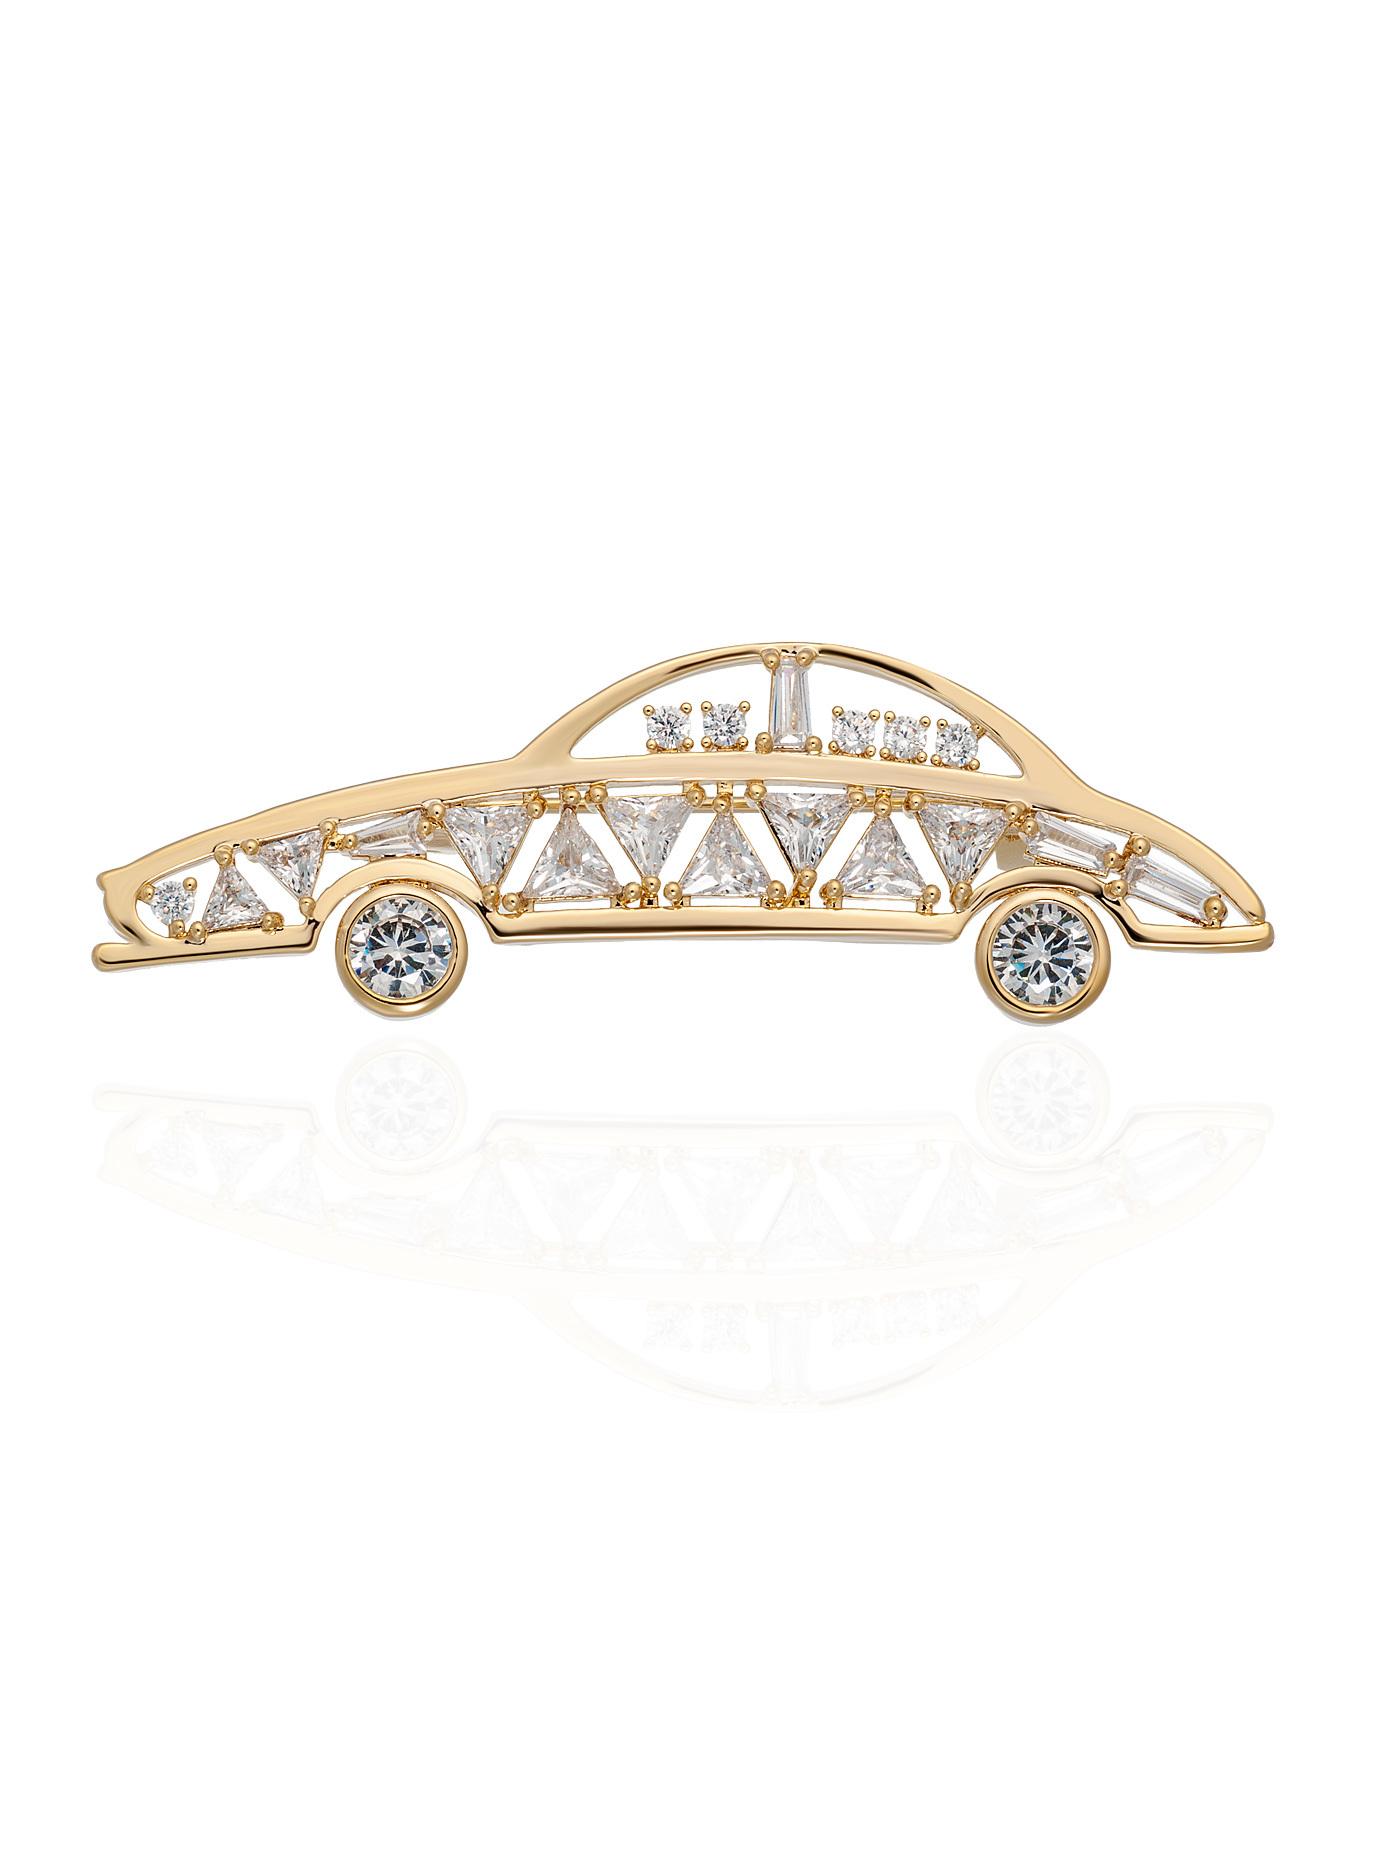 Брошь Машинка с кристаллами в подарочной коробке, стильные подарки